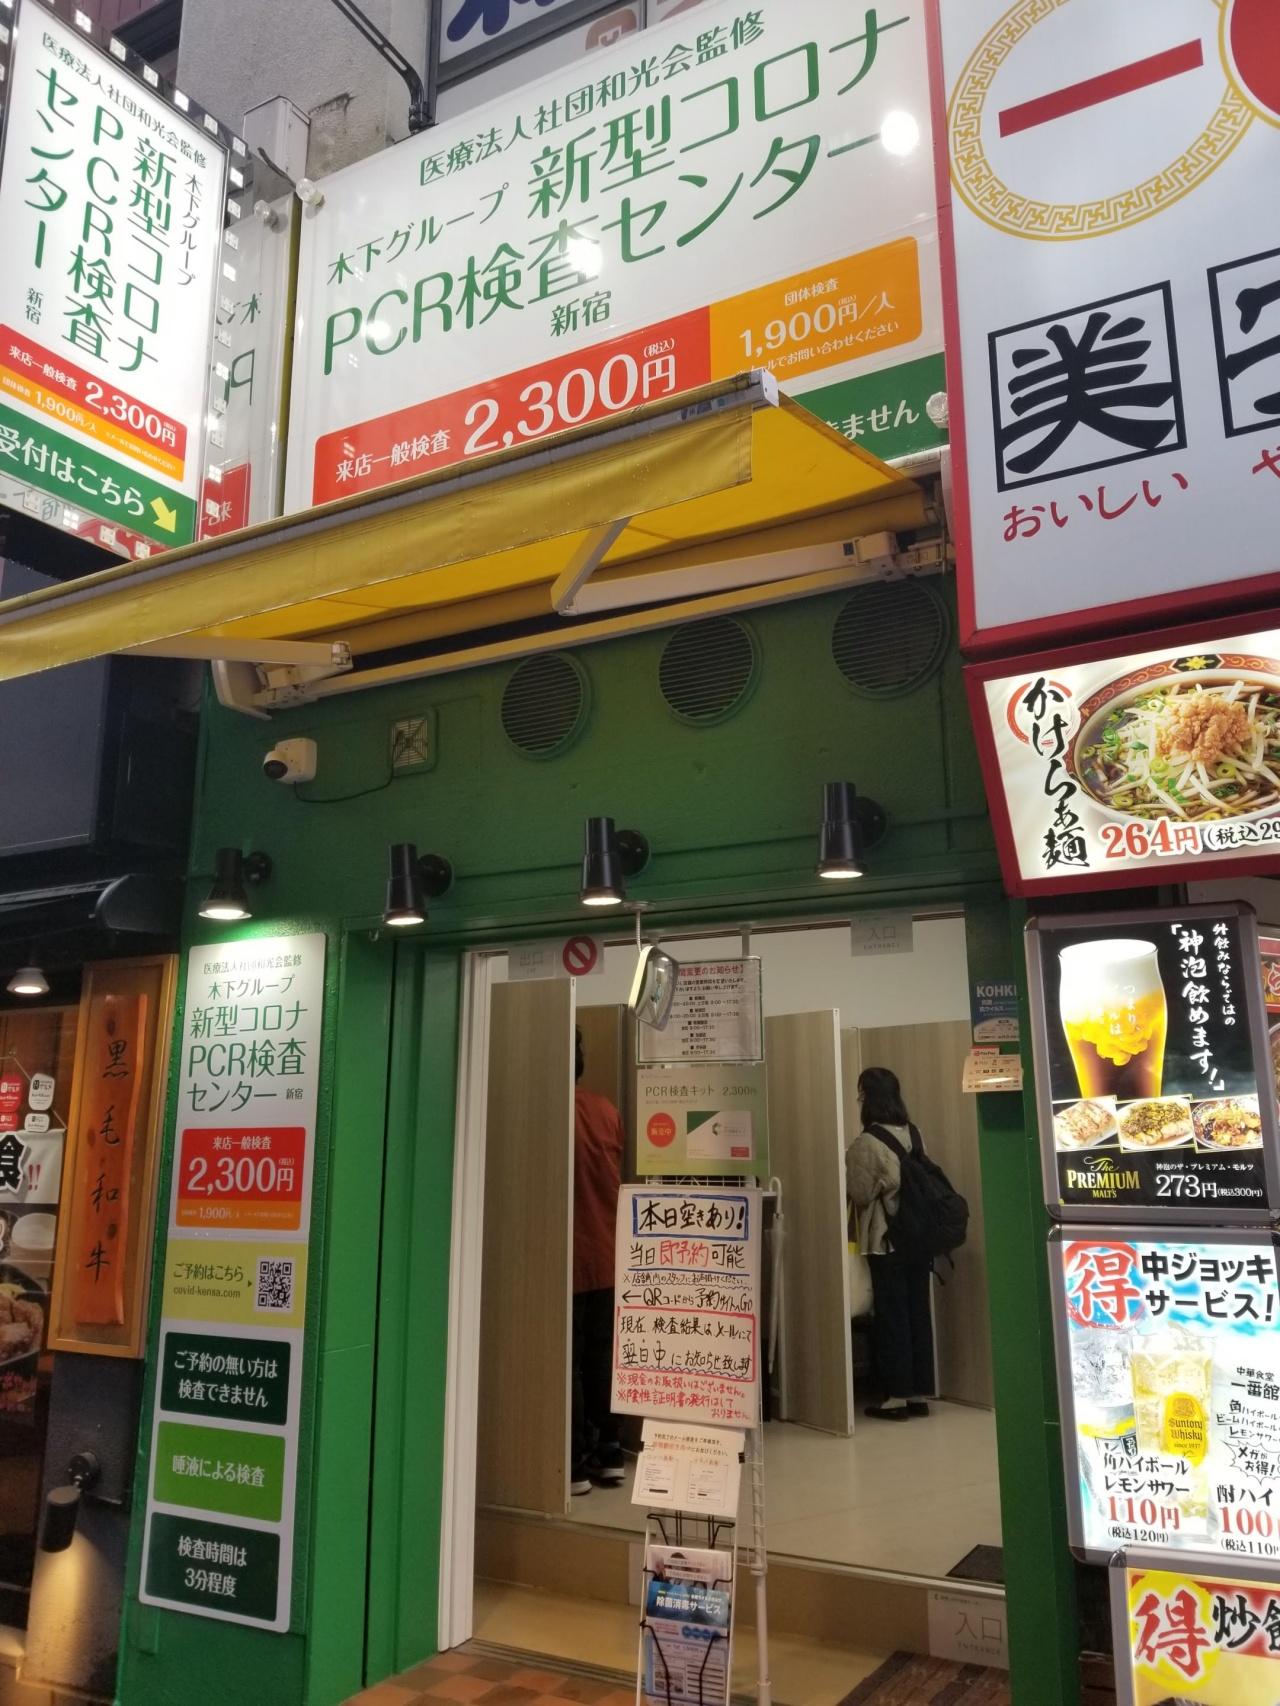 키노시타그룹코로나PCR검사센터 신주쿠